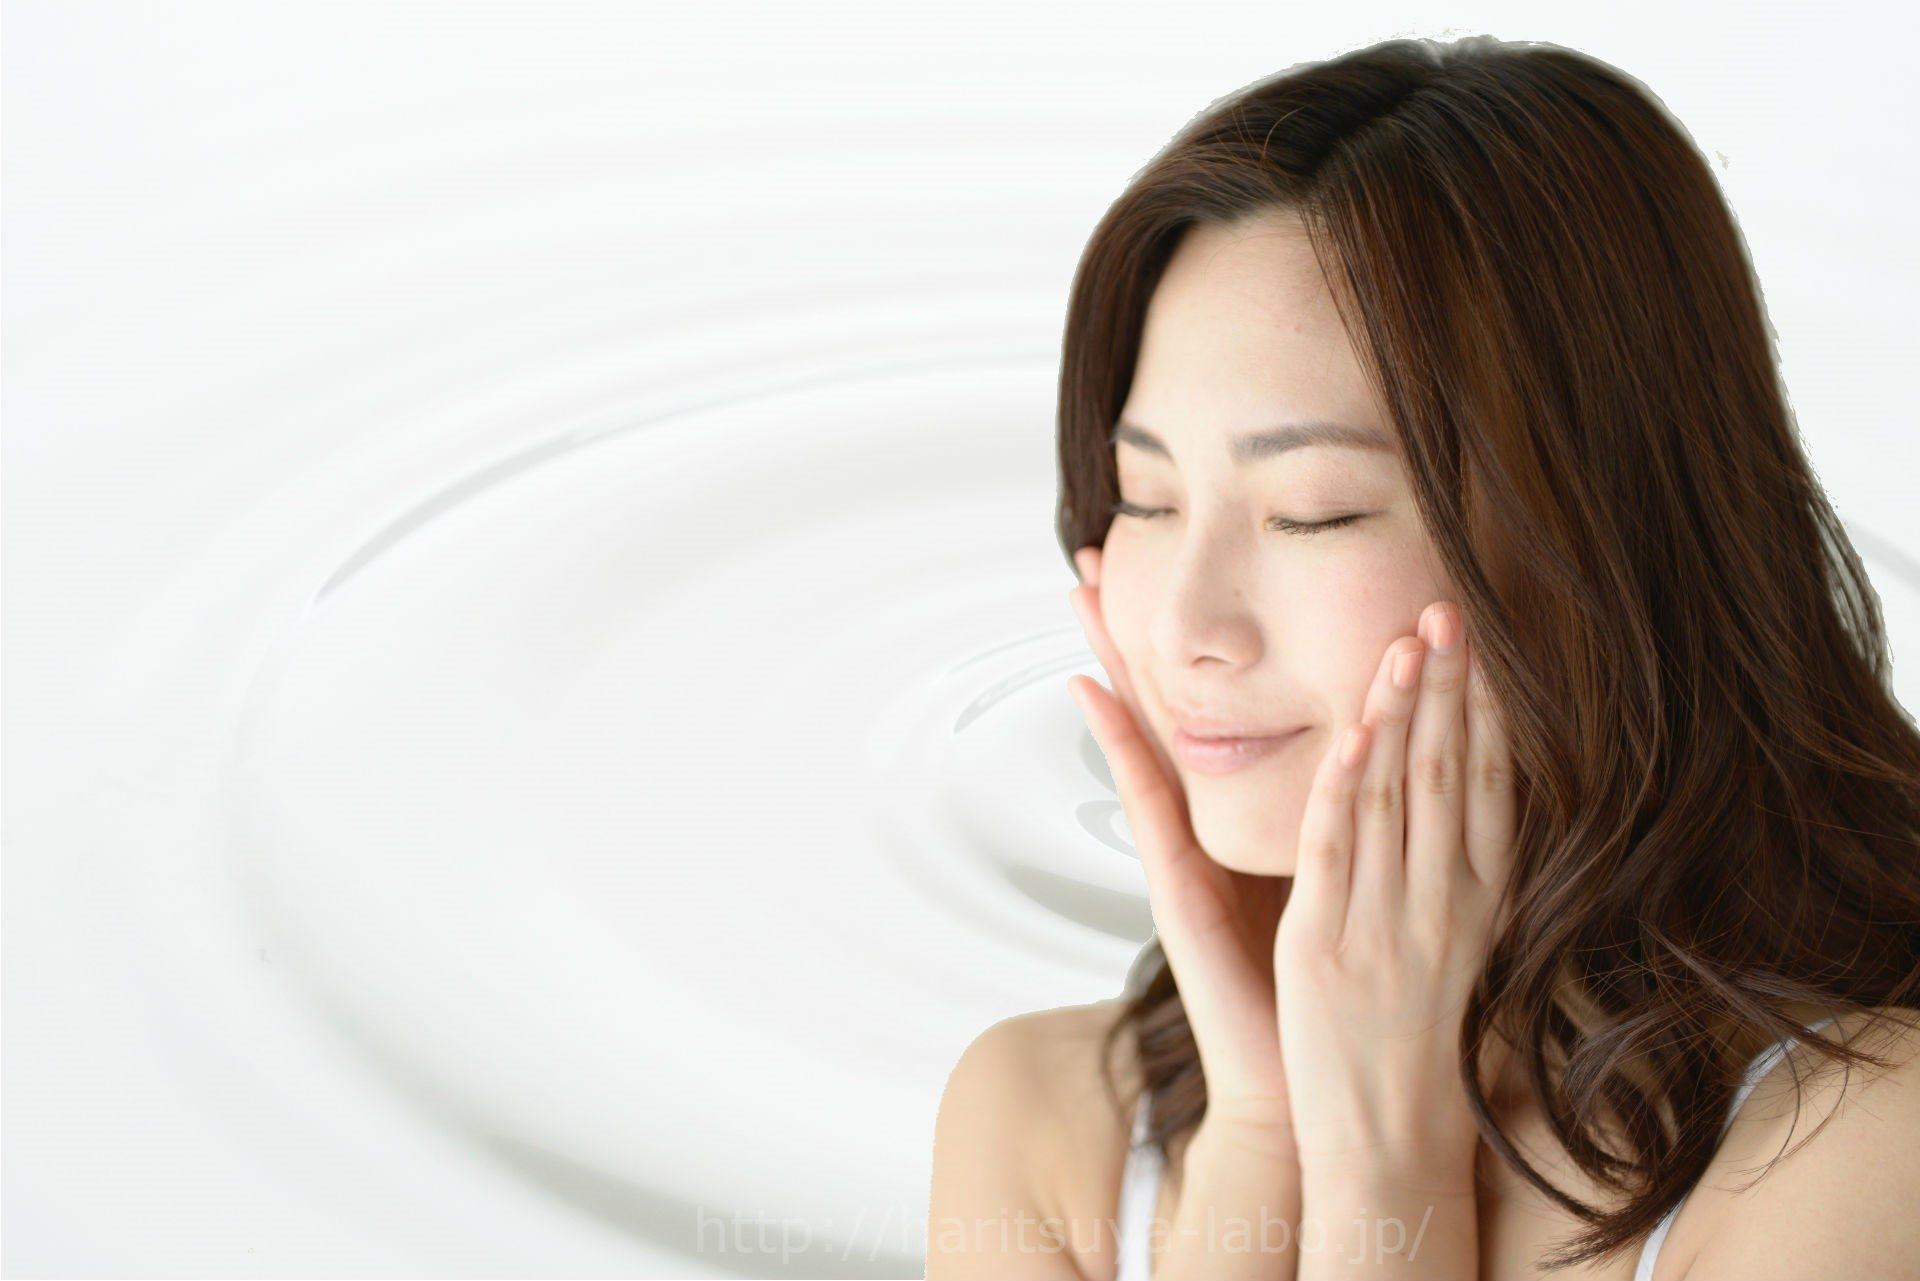 ミルク背景をバックに女性が頬に手をあてている